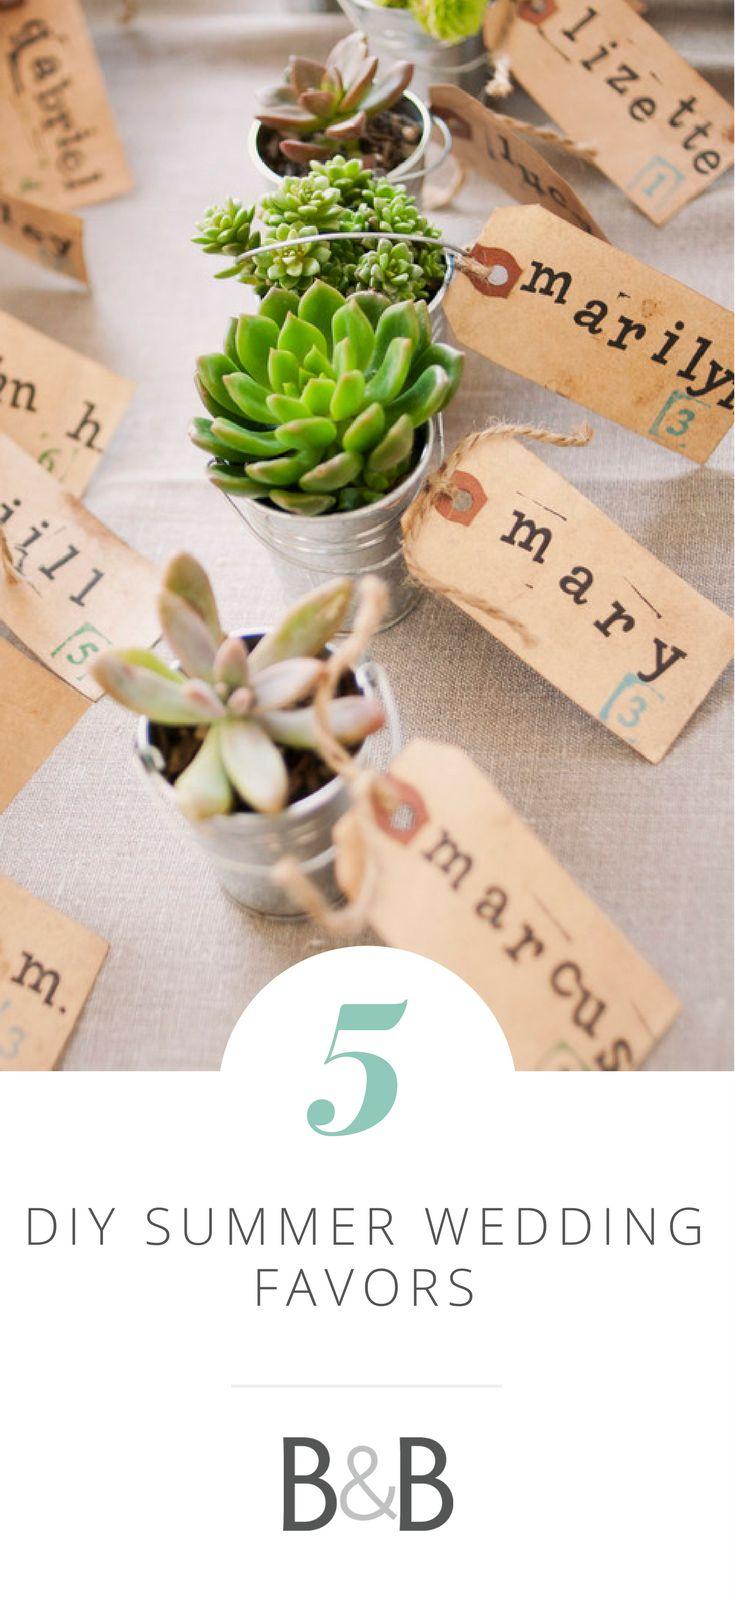 Summer Wedding Favor Ideas Diy : 17 Best Ideas About Summer Wedding Favors On Pinterest Summer ...